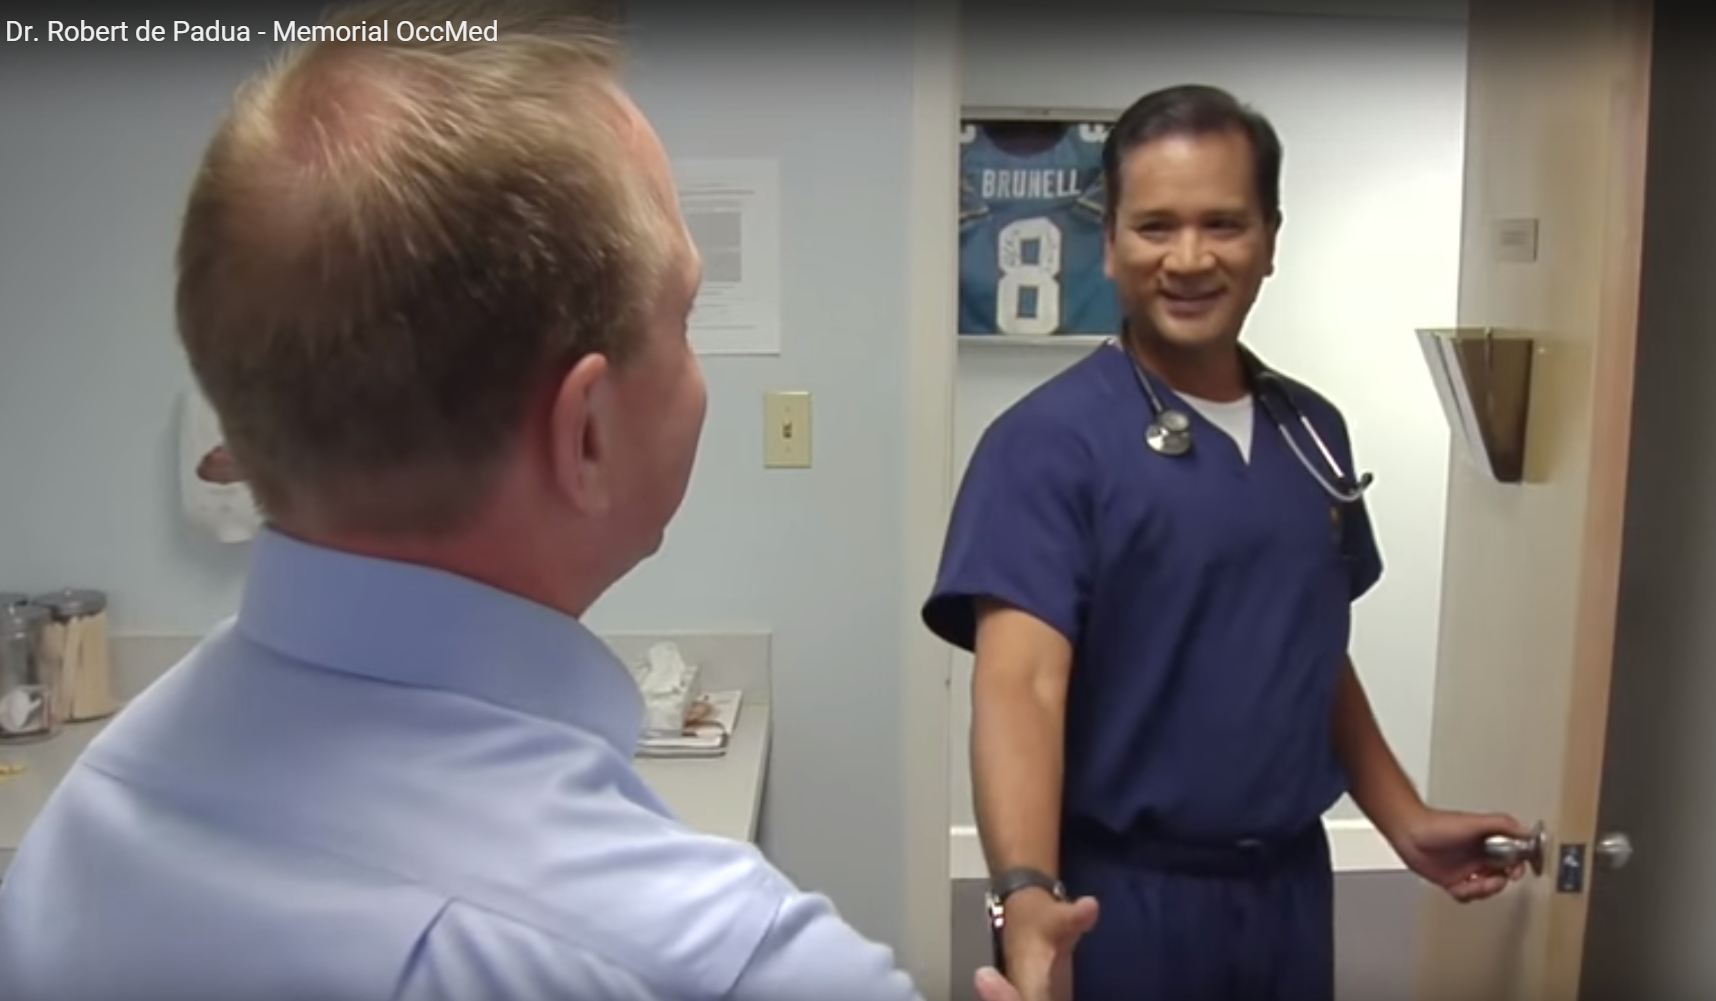 Dr. De Padua talks about his practice